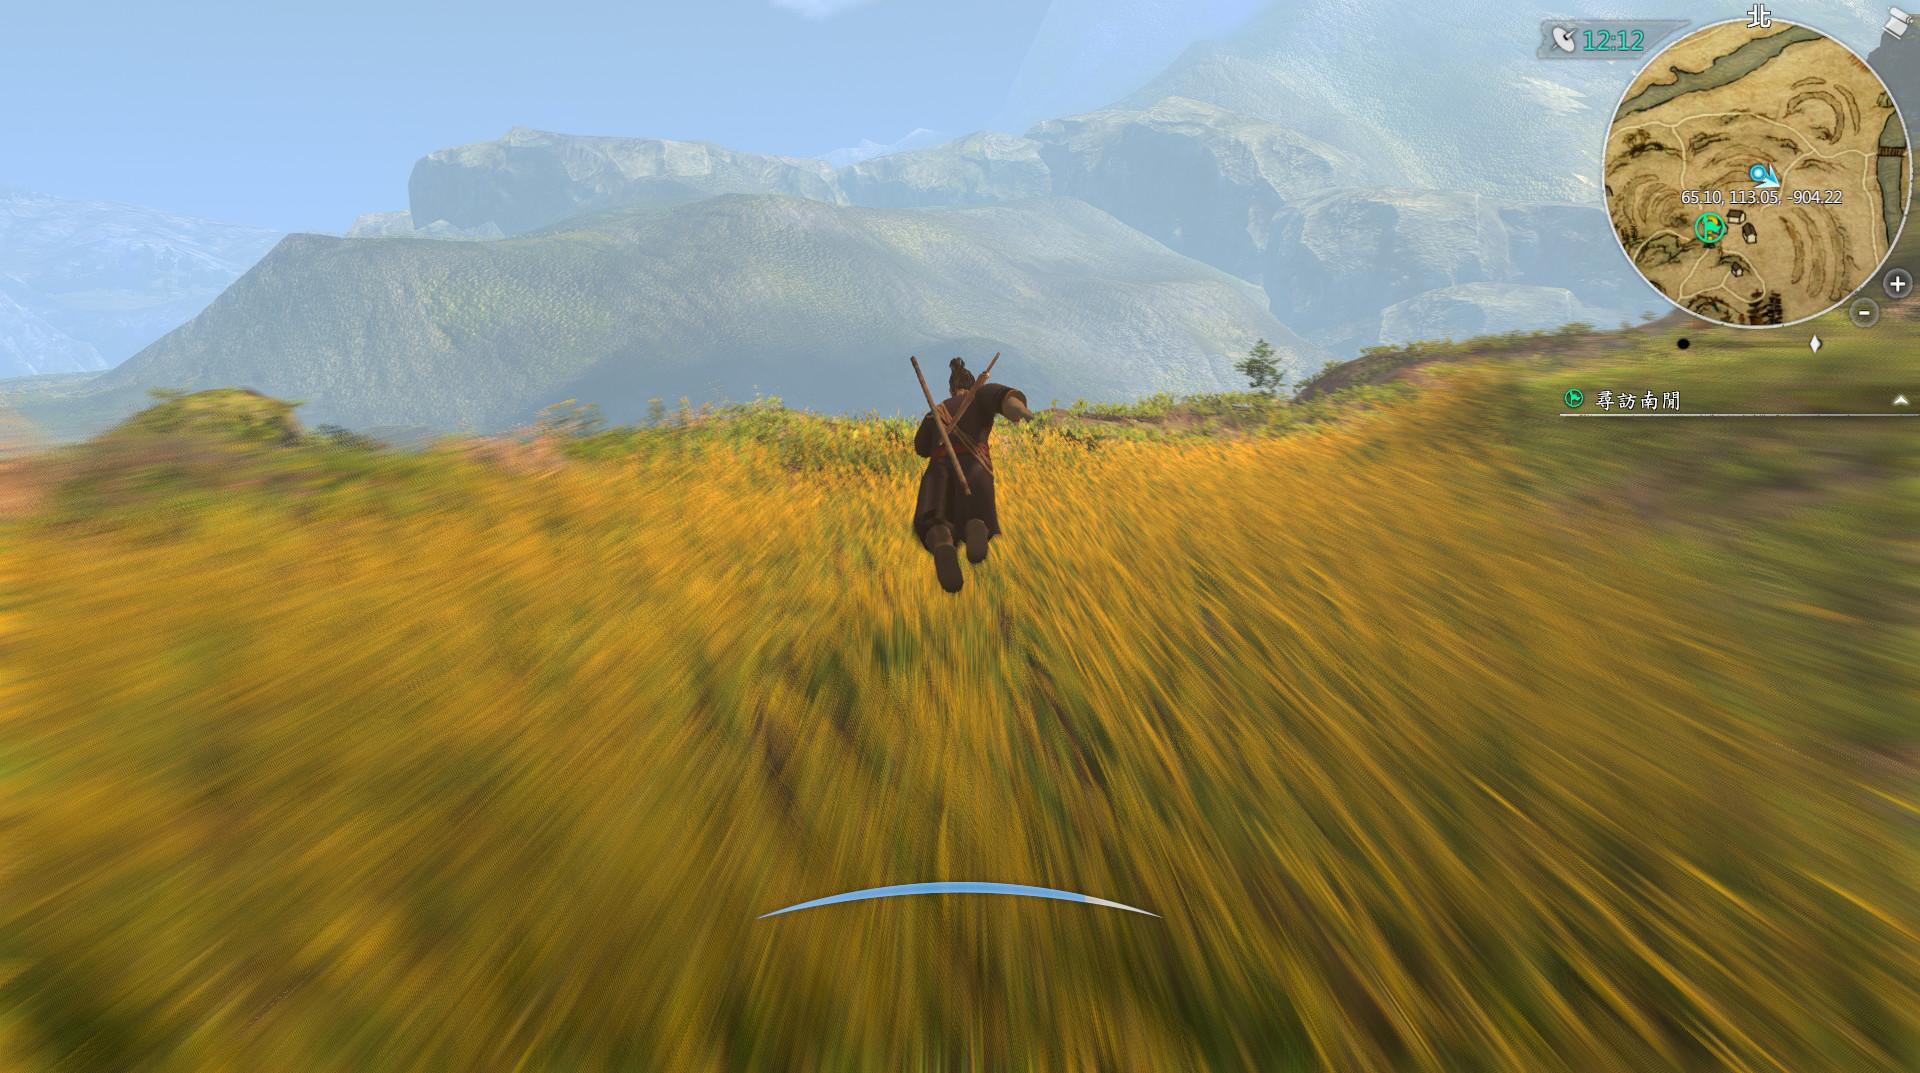 《河洛群侠传》上架Steam 游戏特色和战斗截图公布